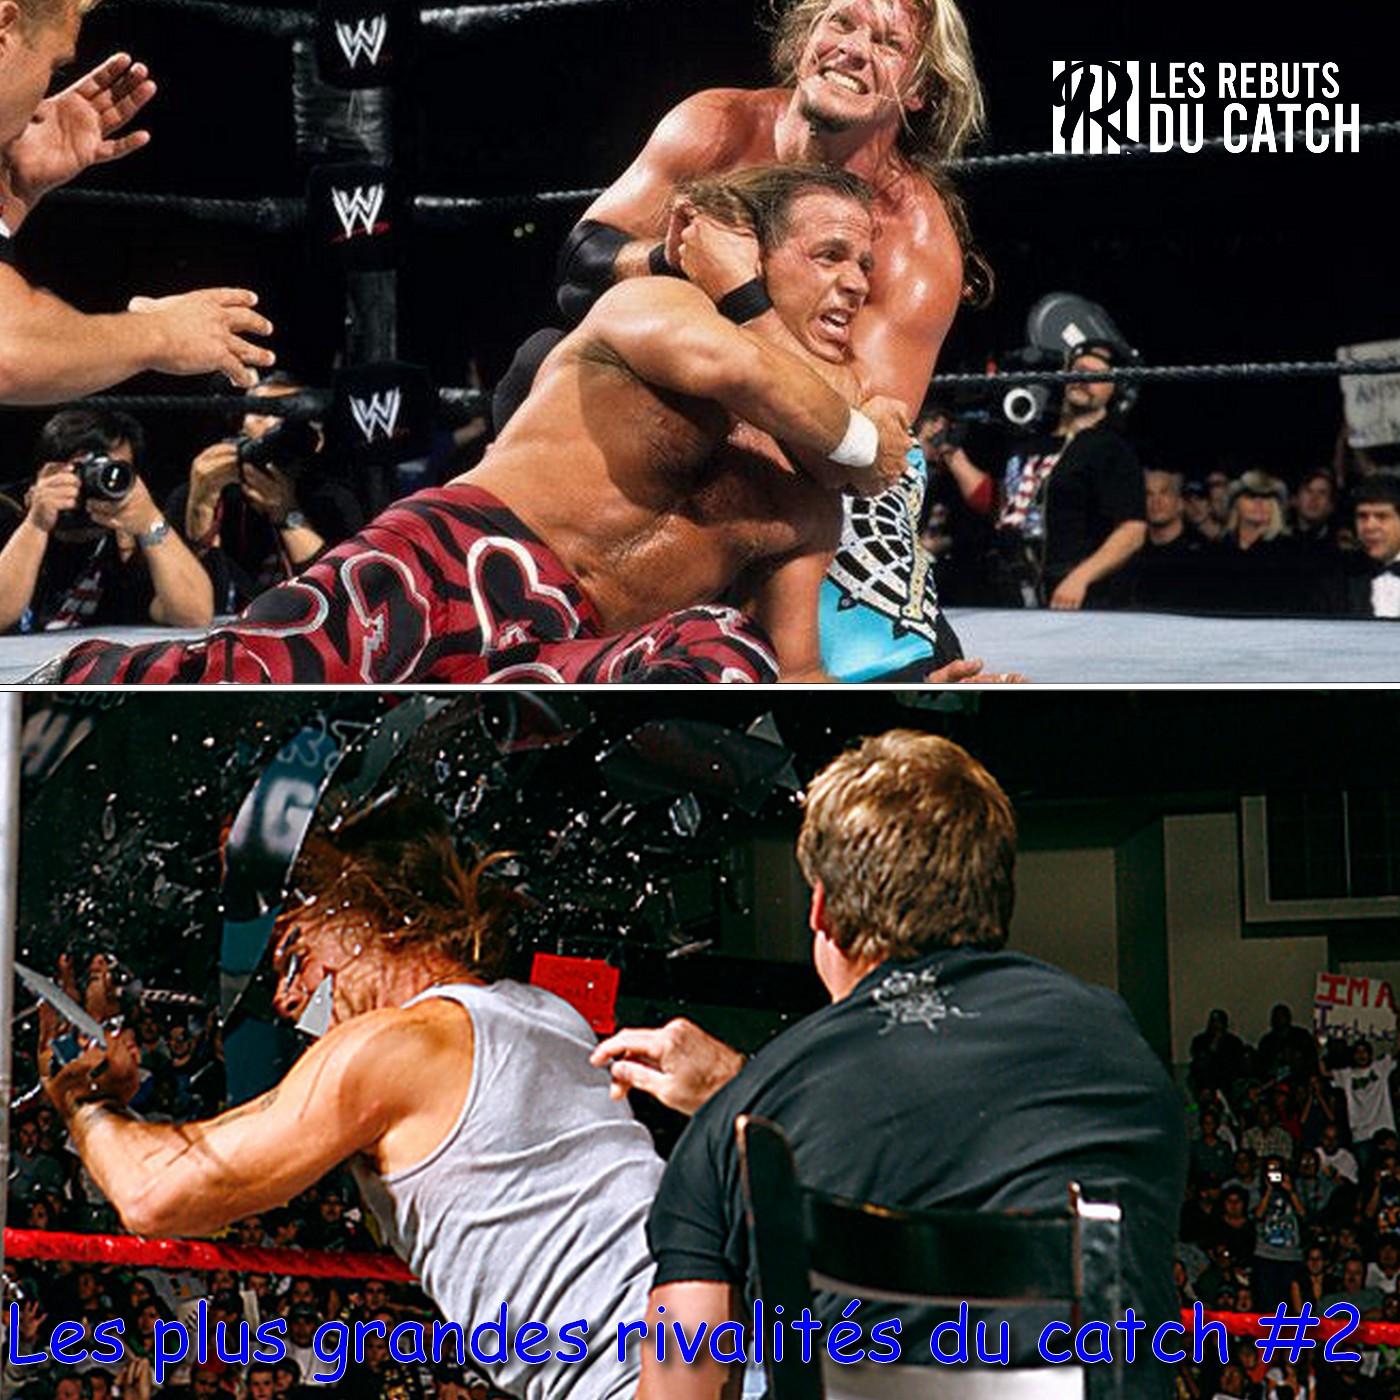 Les plus grandes rivalités du catch #2 Feat Rabbimantaur : Chris Jericho vs Shawn Michaels.